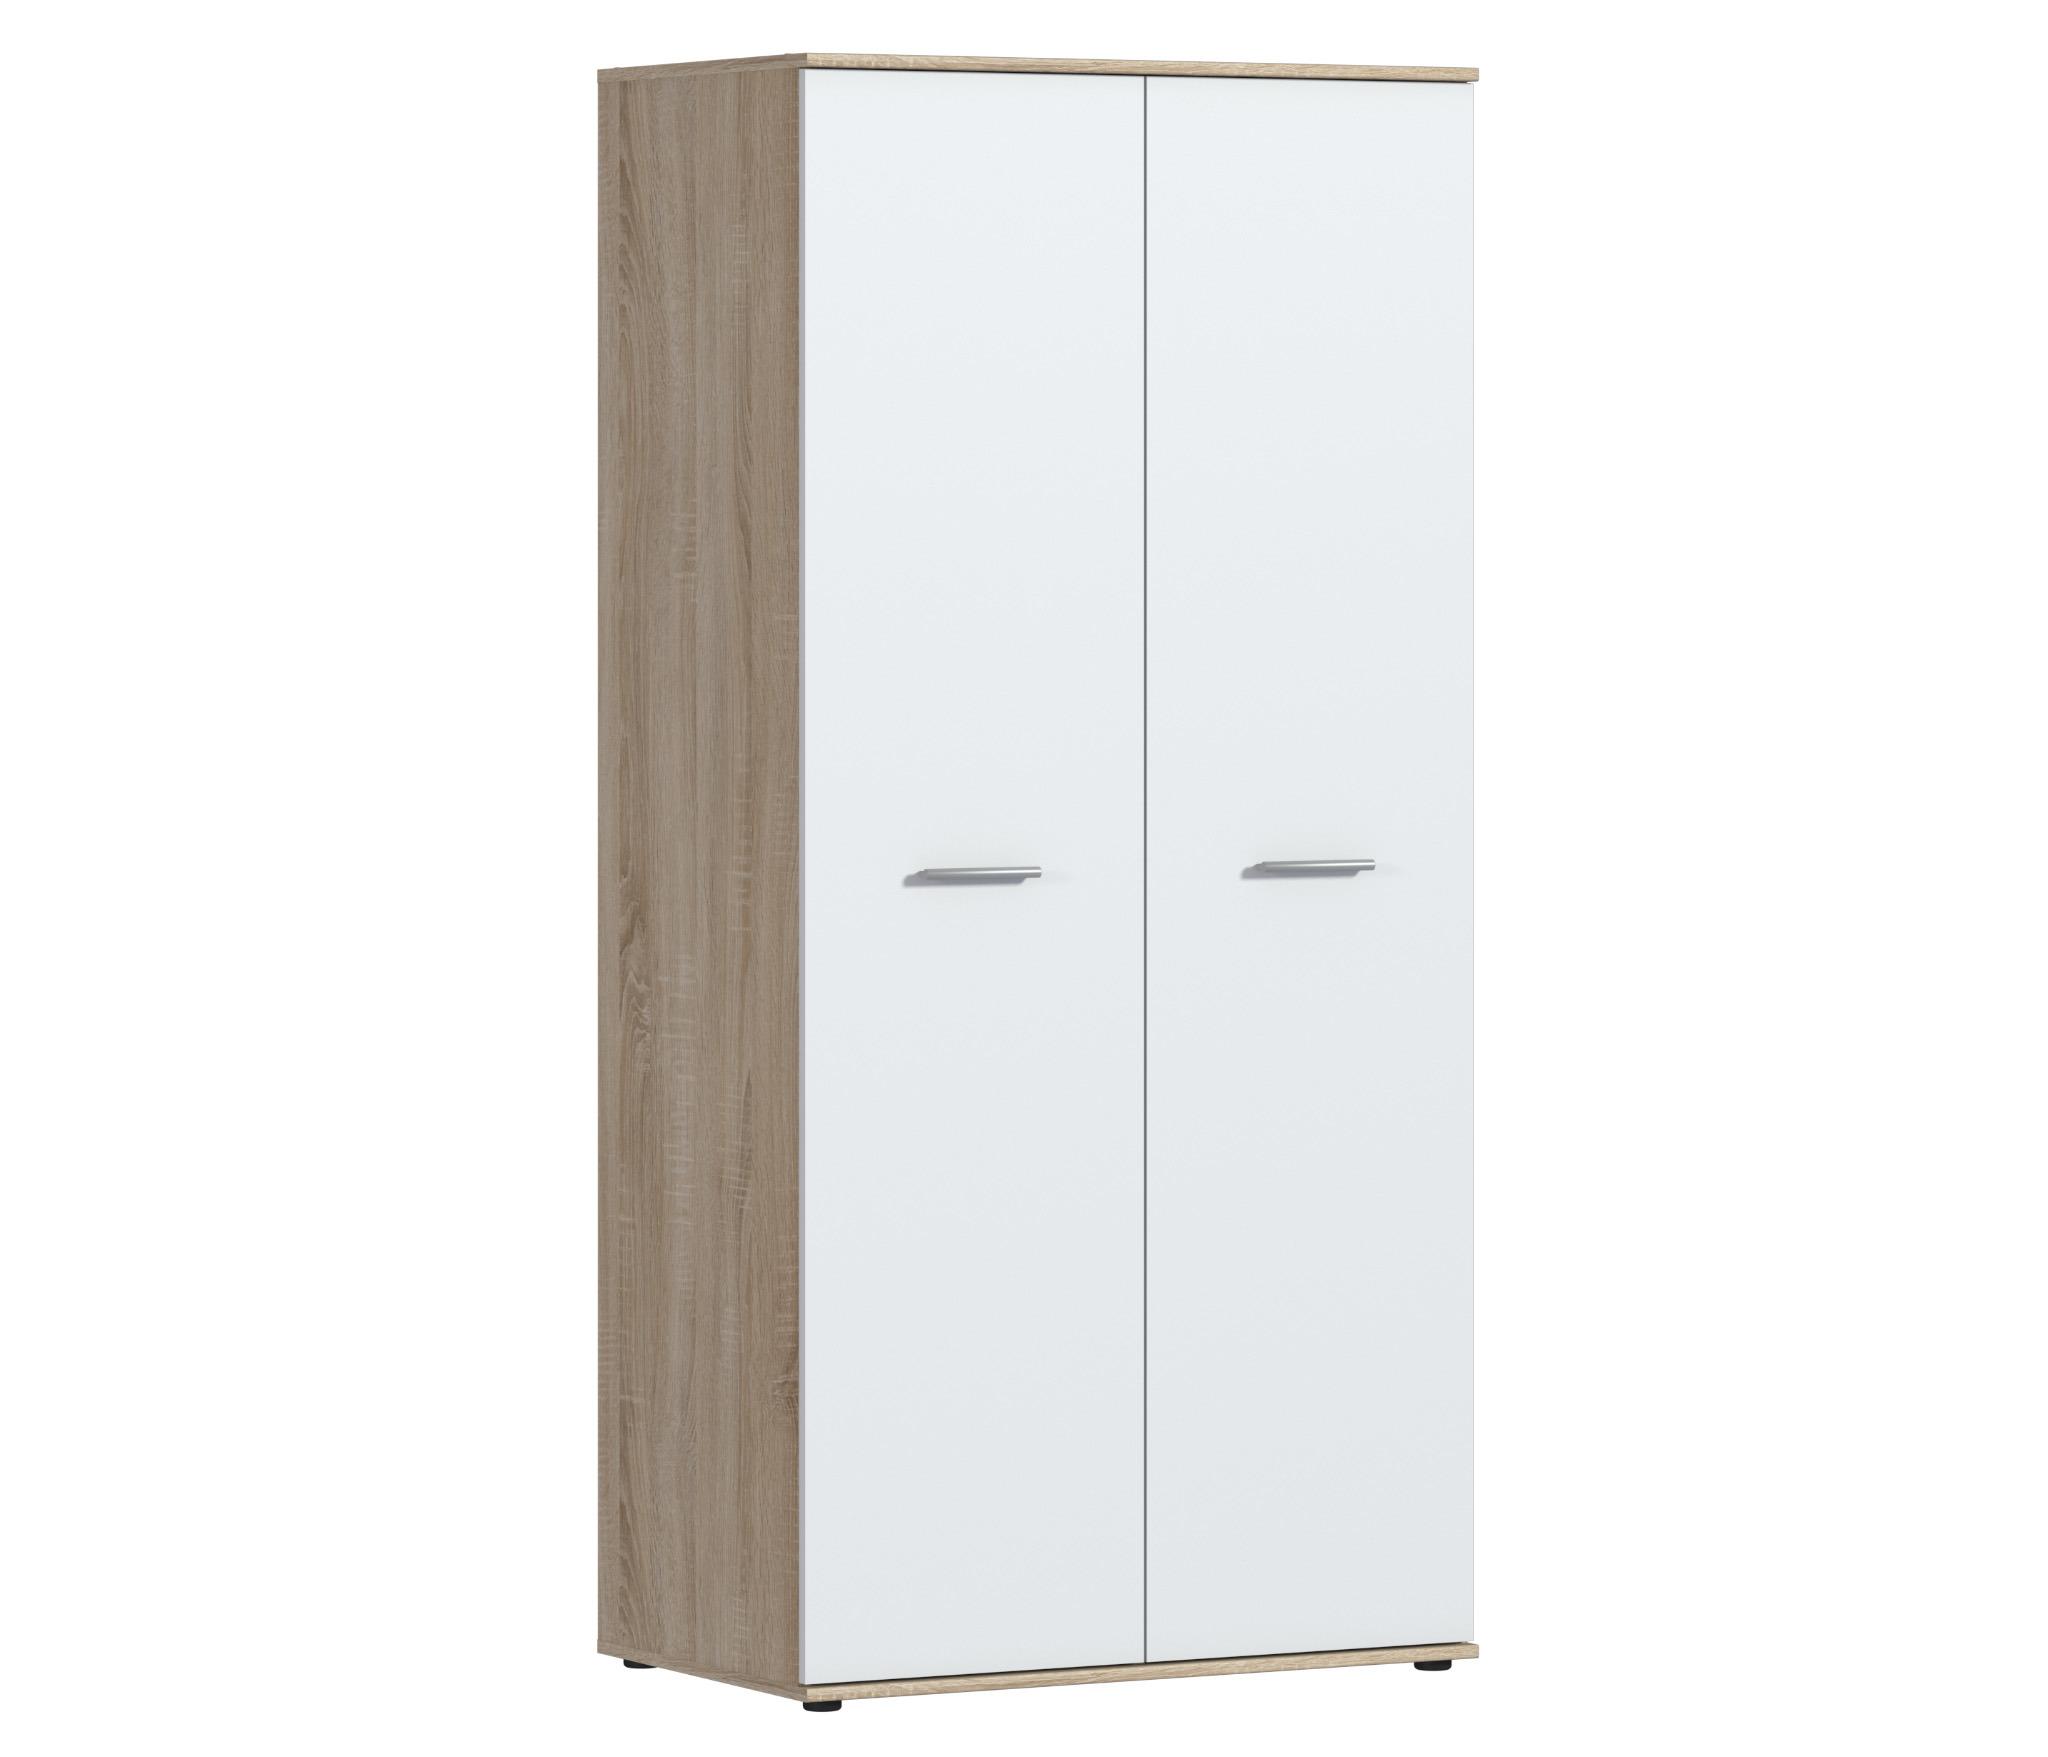 Мамбо СБ-2371 Шкаф 2-х дверныйШкафы<br><br><br>Длина мм: 900<br>Высота мм: 1896<br>Глубина мм: 553